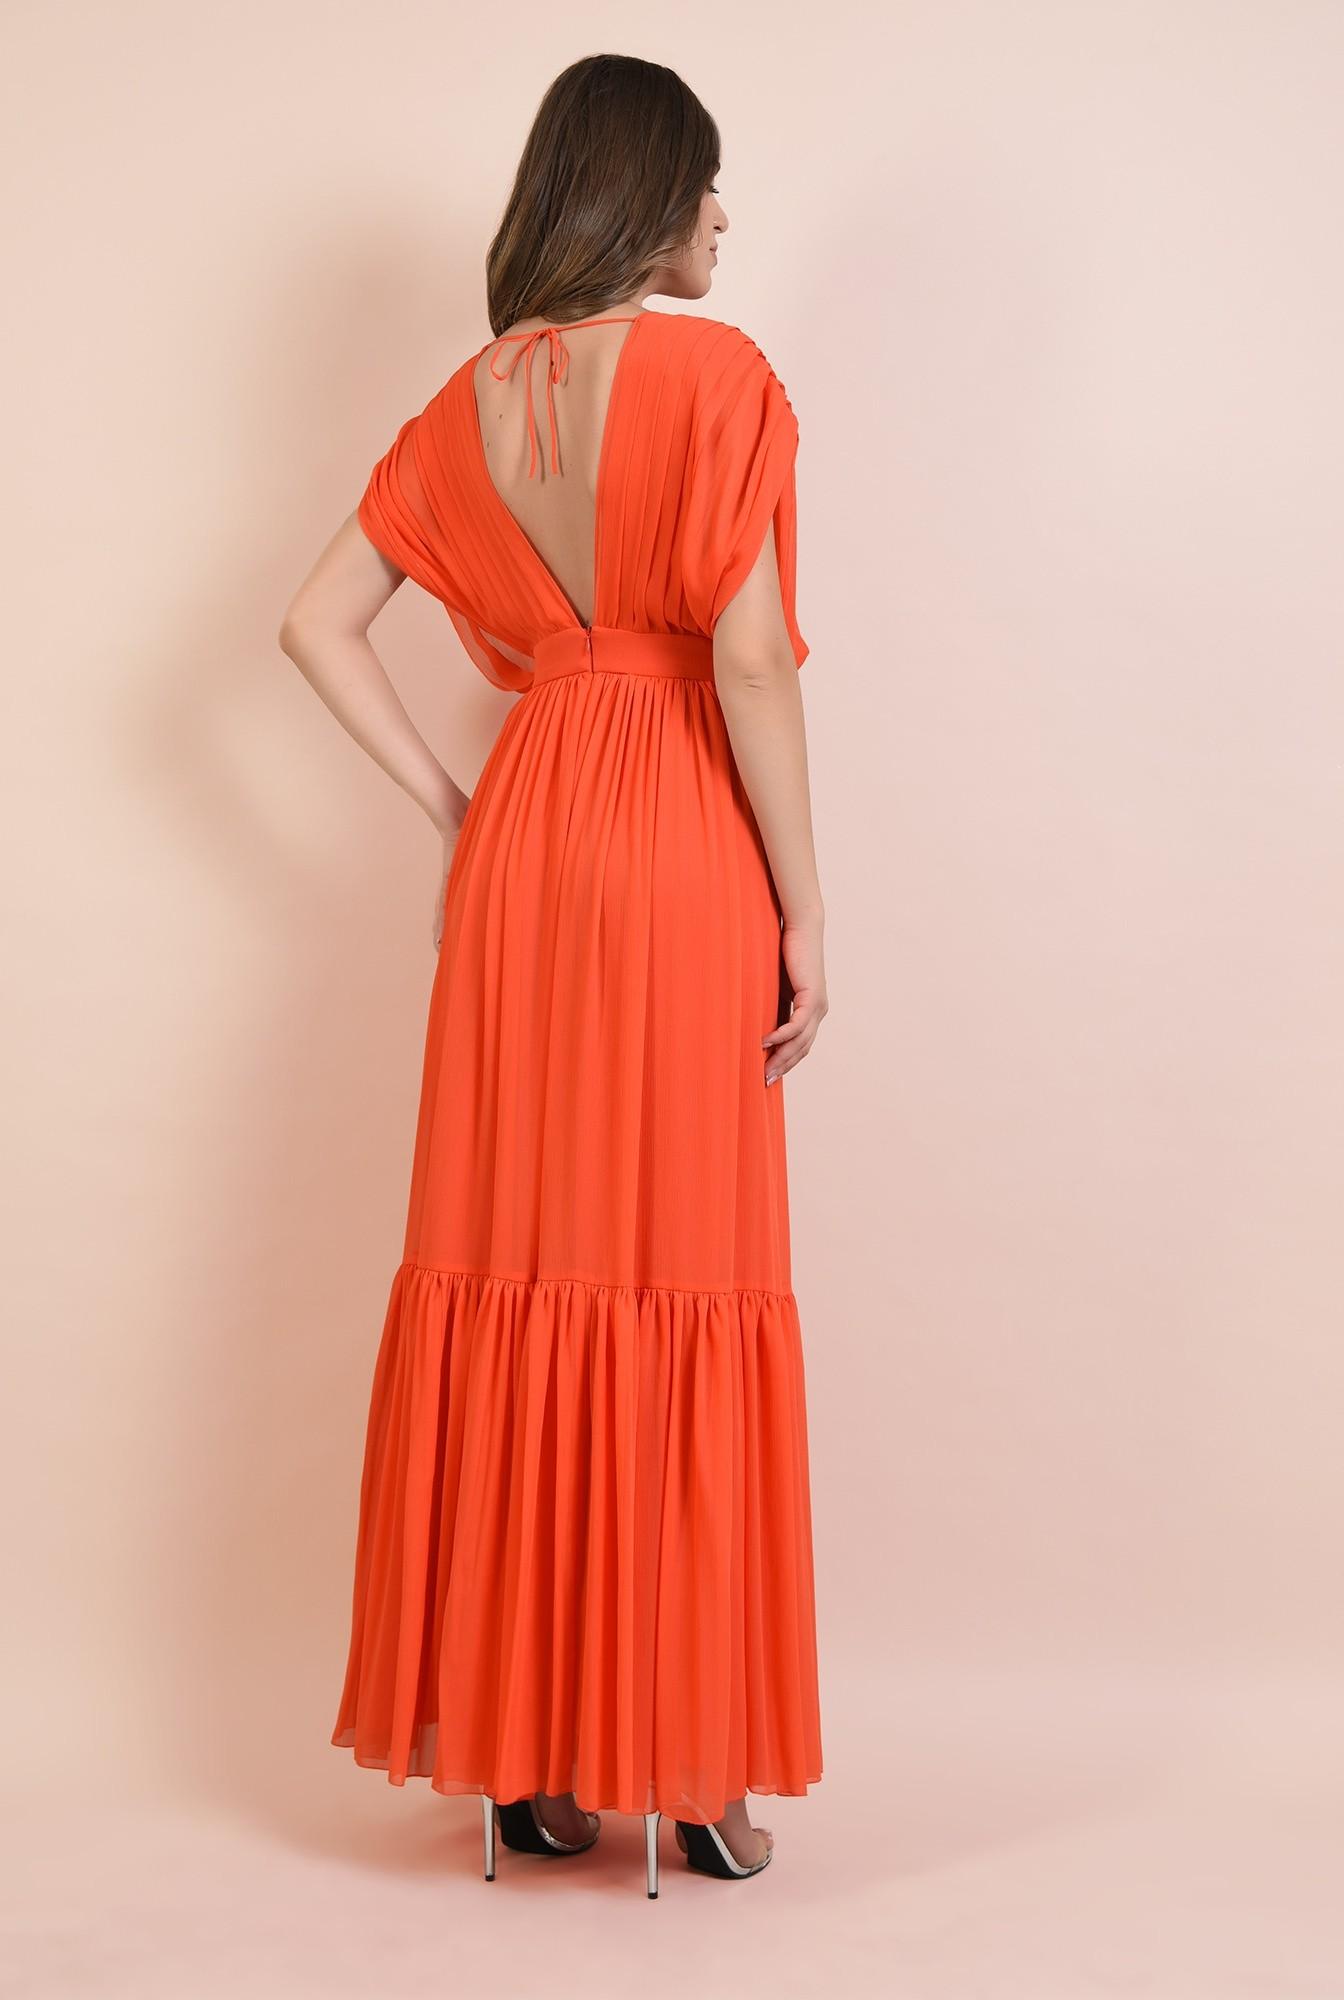 1 - rochie eleganta, lunga, fara maneci, evazata, cu volan, spate gol cu snur